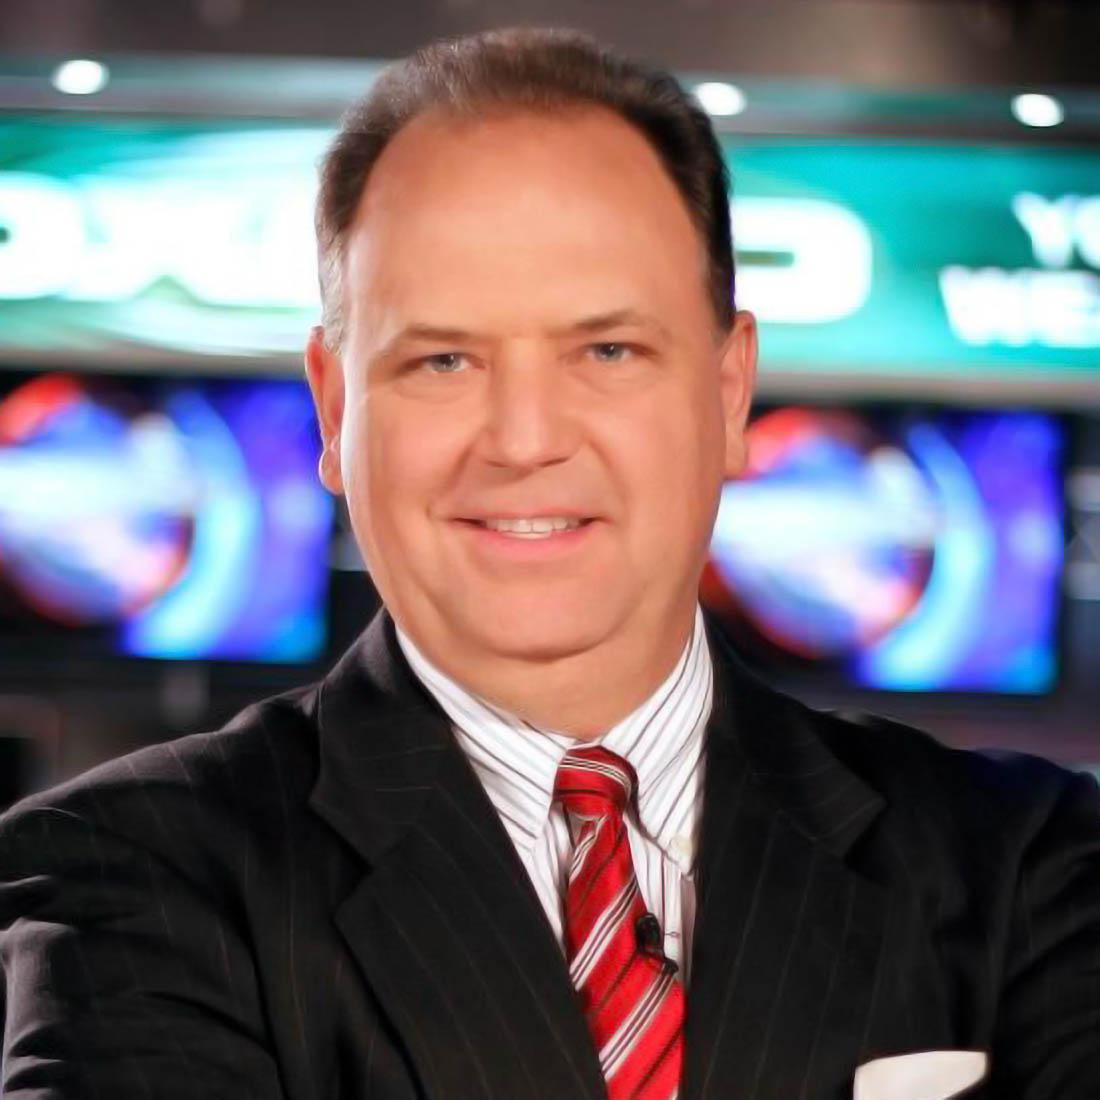 Jim Siebert services for Fox 26 News